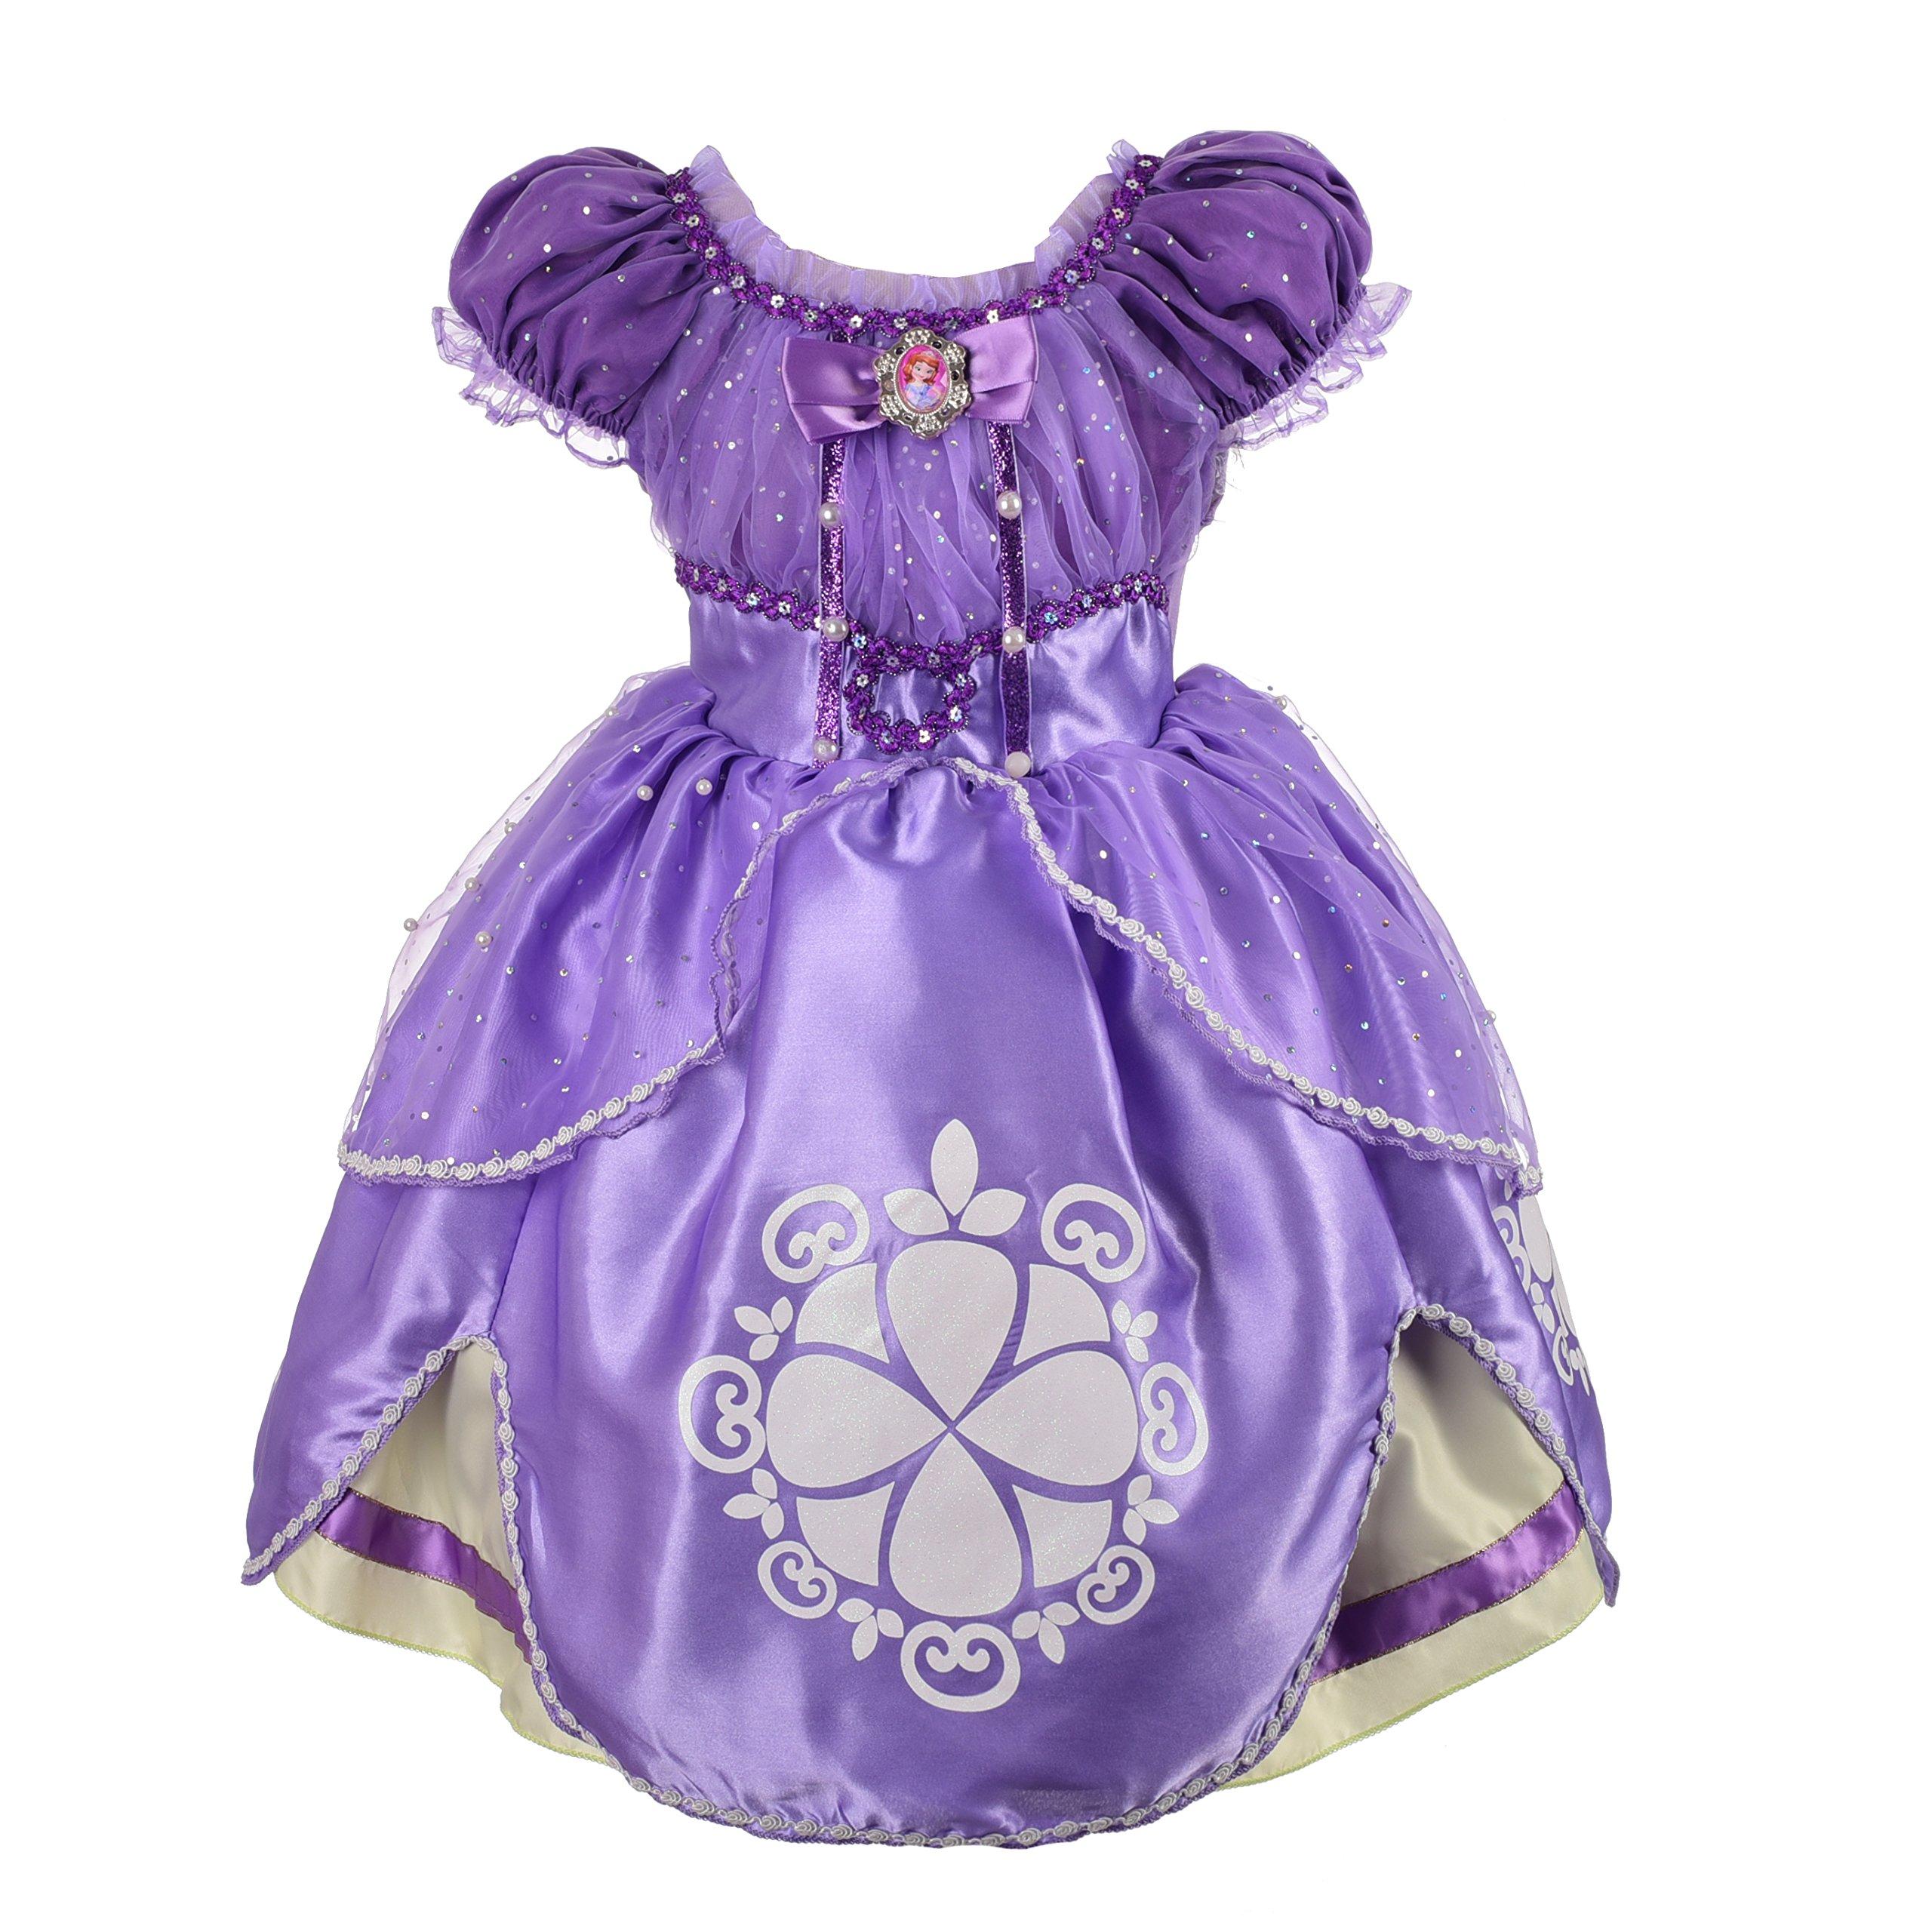 Dressy Daisy Girls' Princess Sofia Dress up Costume Cosplay Fancy Party Dress Size 5